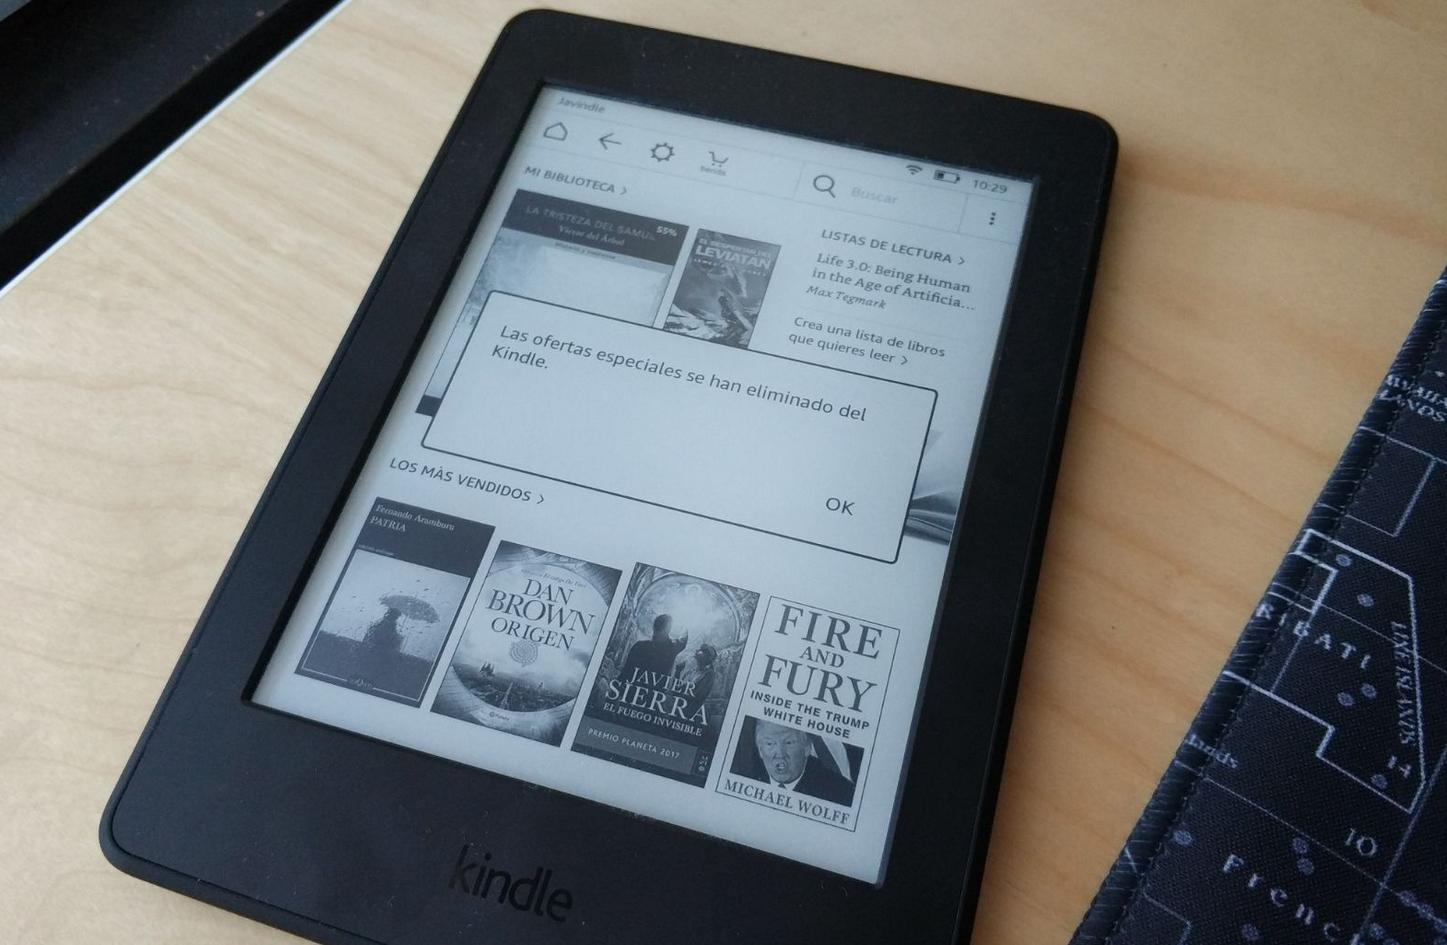 Cómo hacer desaparecer los anuncios en el lector de libros ... 1b6944f75205e